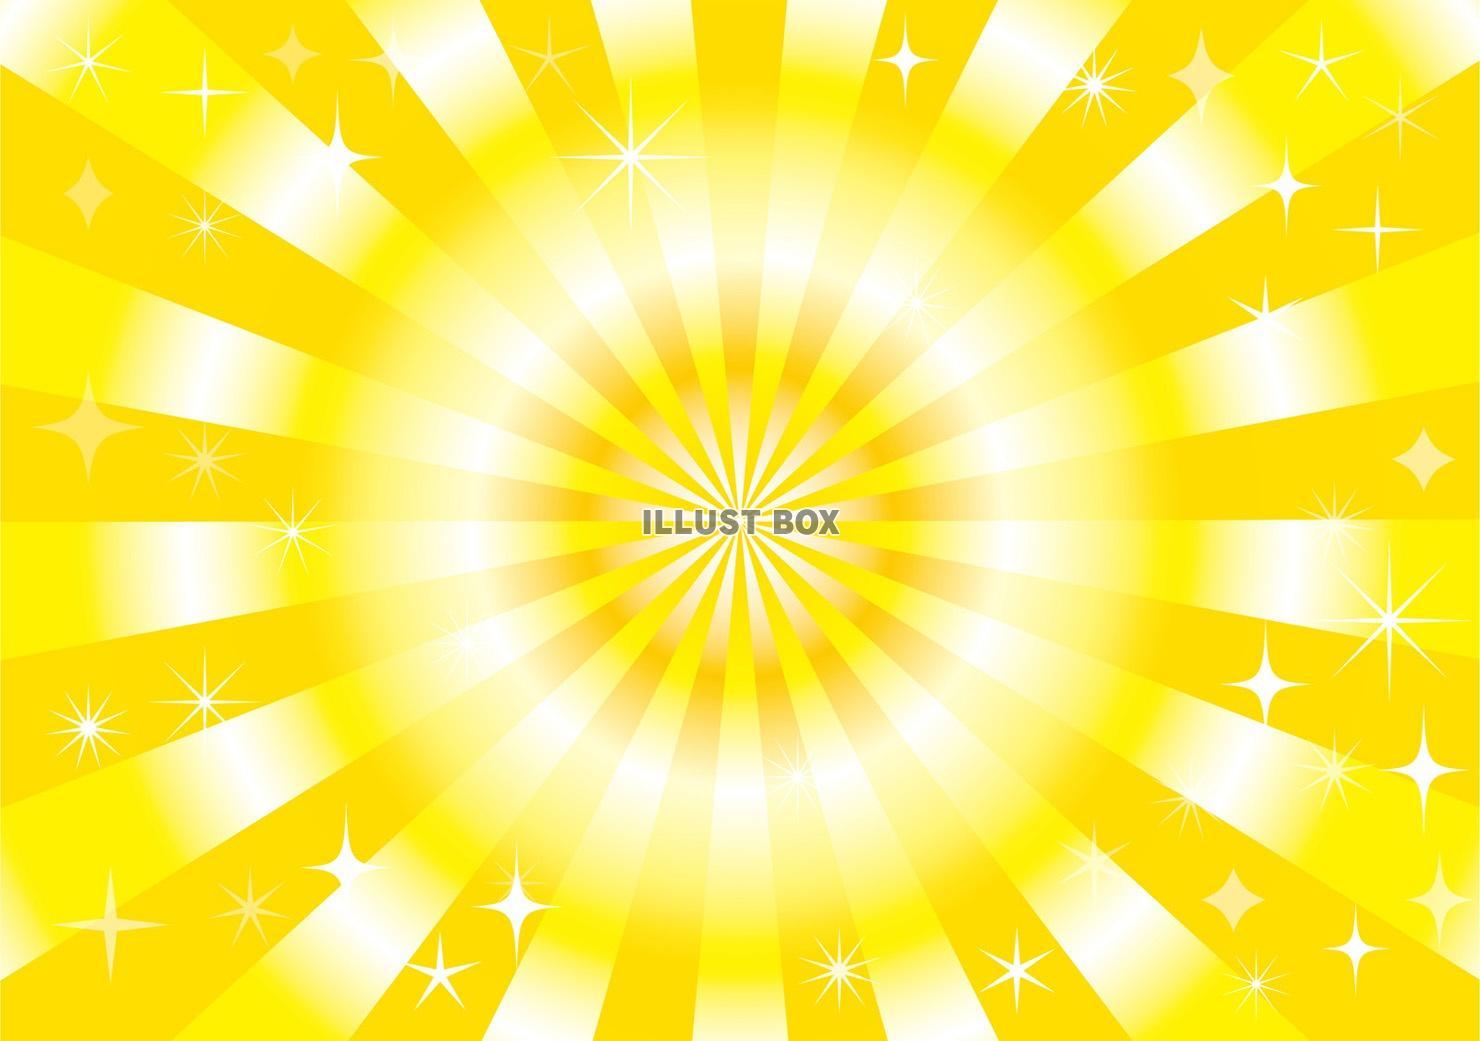 無料イラスト キラキラ 背景飾り枠 黄おしゃれフレーム枠壁紙 黄色